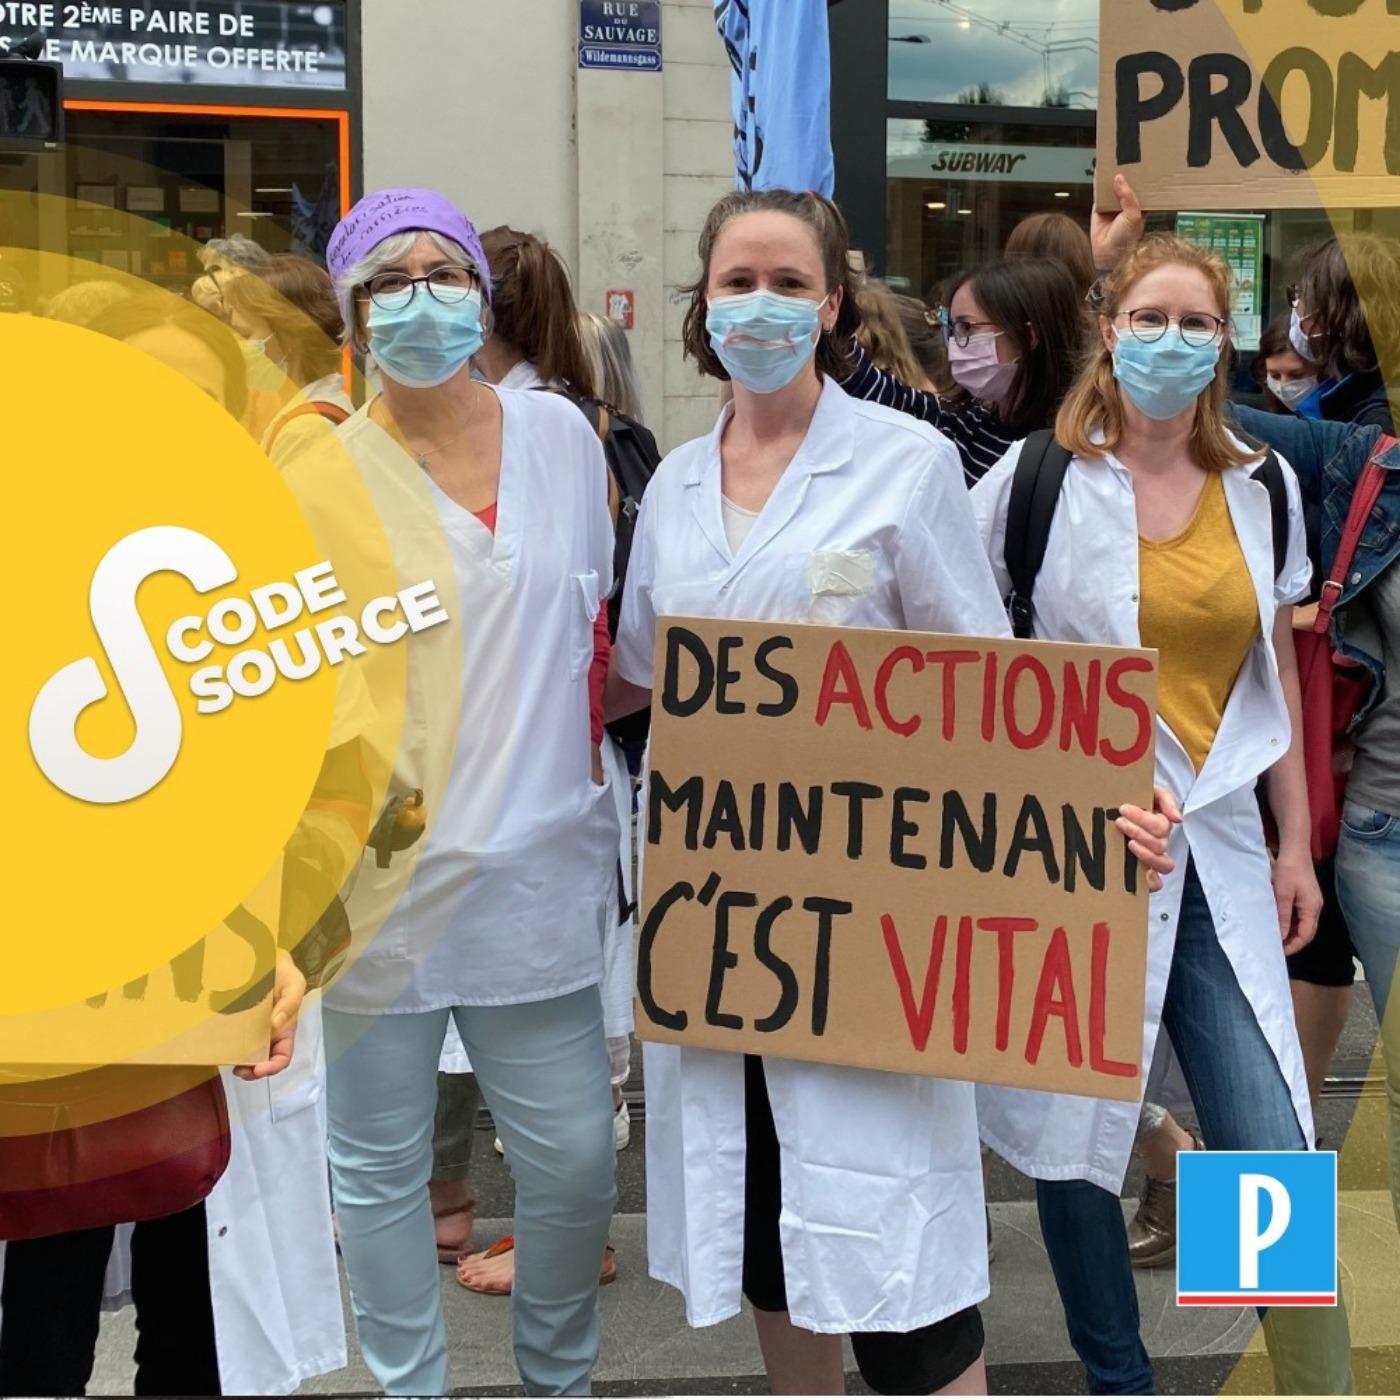 «Rien n'a changé» : l'amertume d'Ysaline, 36 ans, aide-soignante d'un hôpital francilien